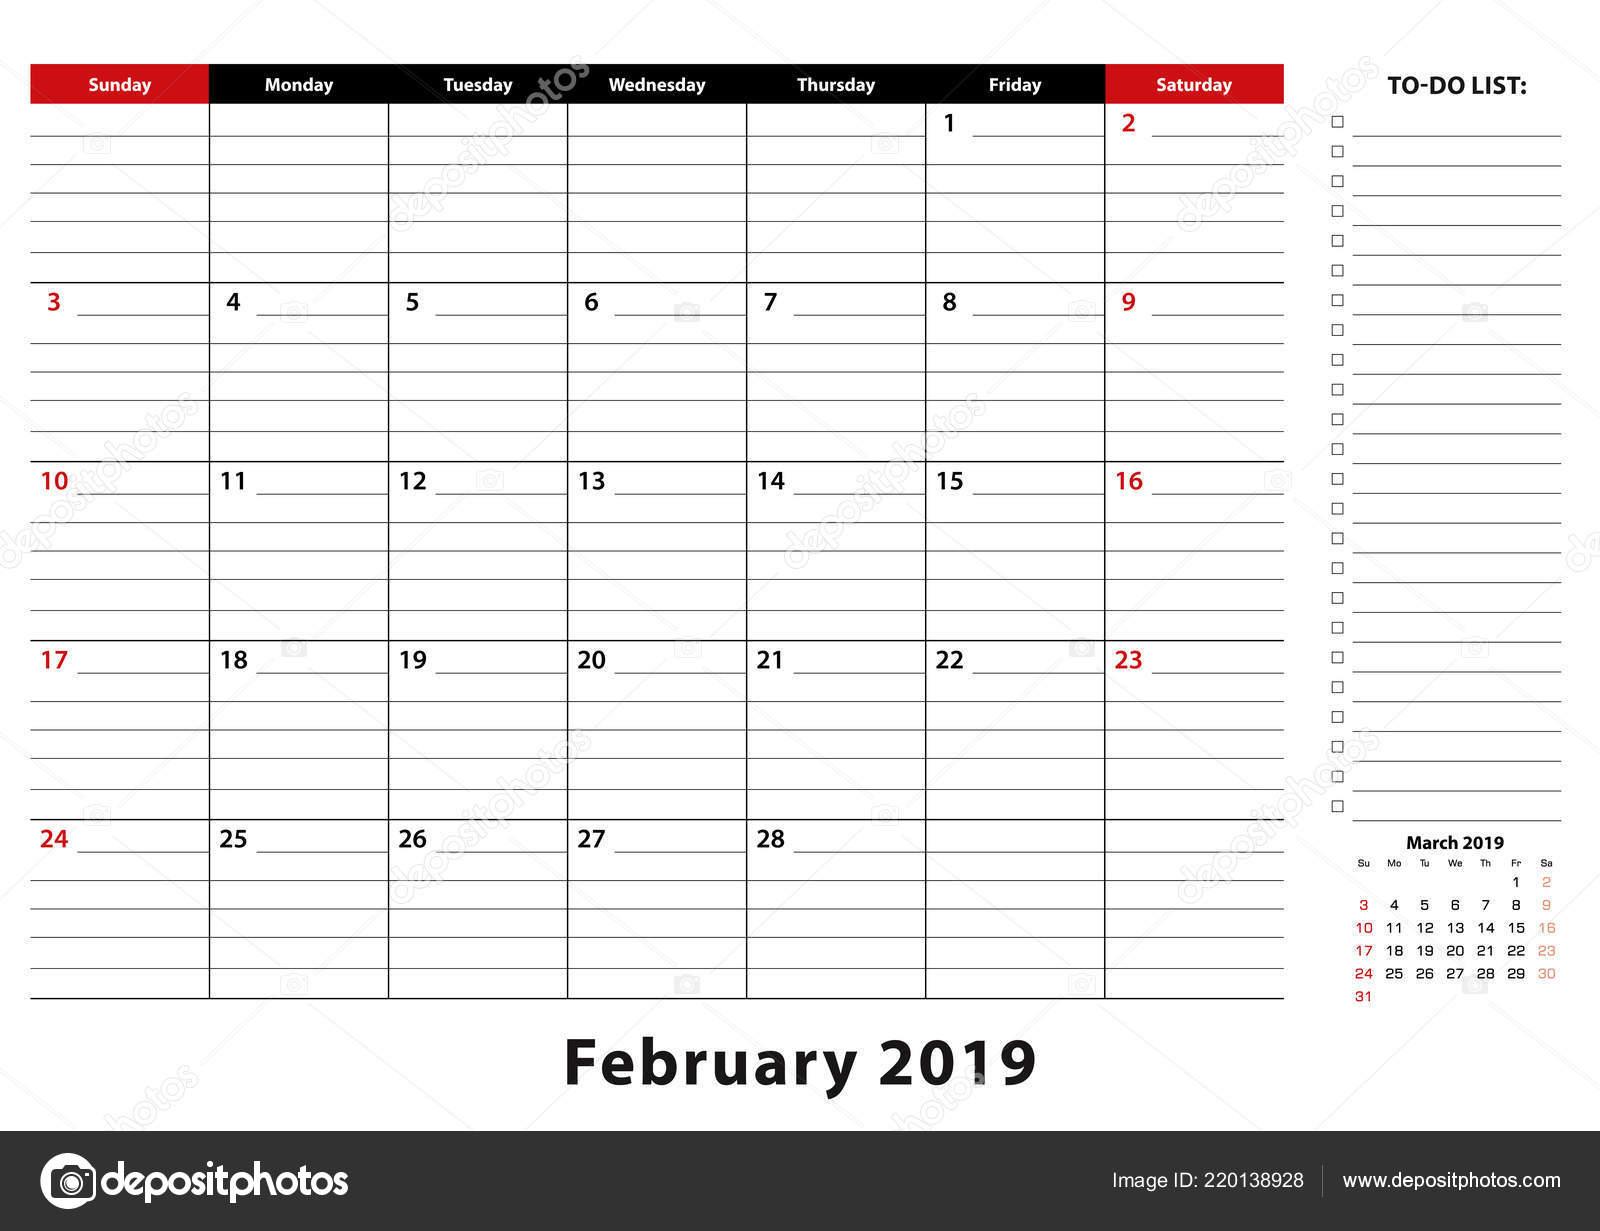 Febrero 2019 Calendario.Febrero 2019 Semana Calendario Mensual Almohadilla Mesa Comienza